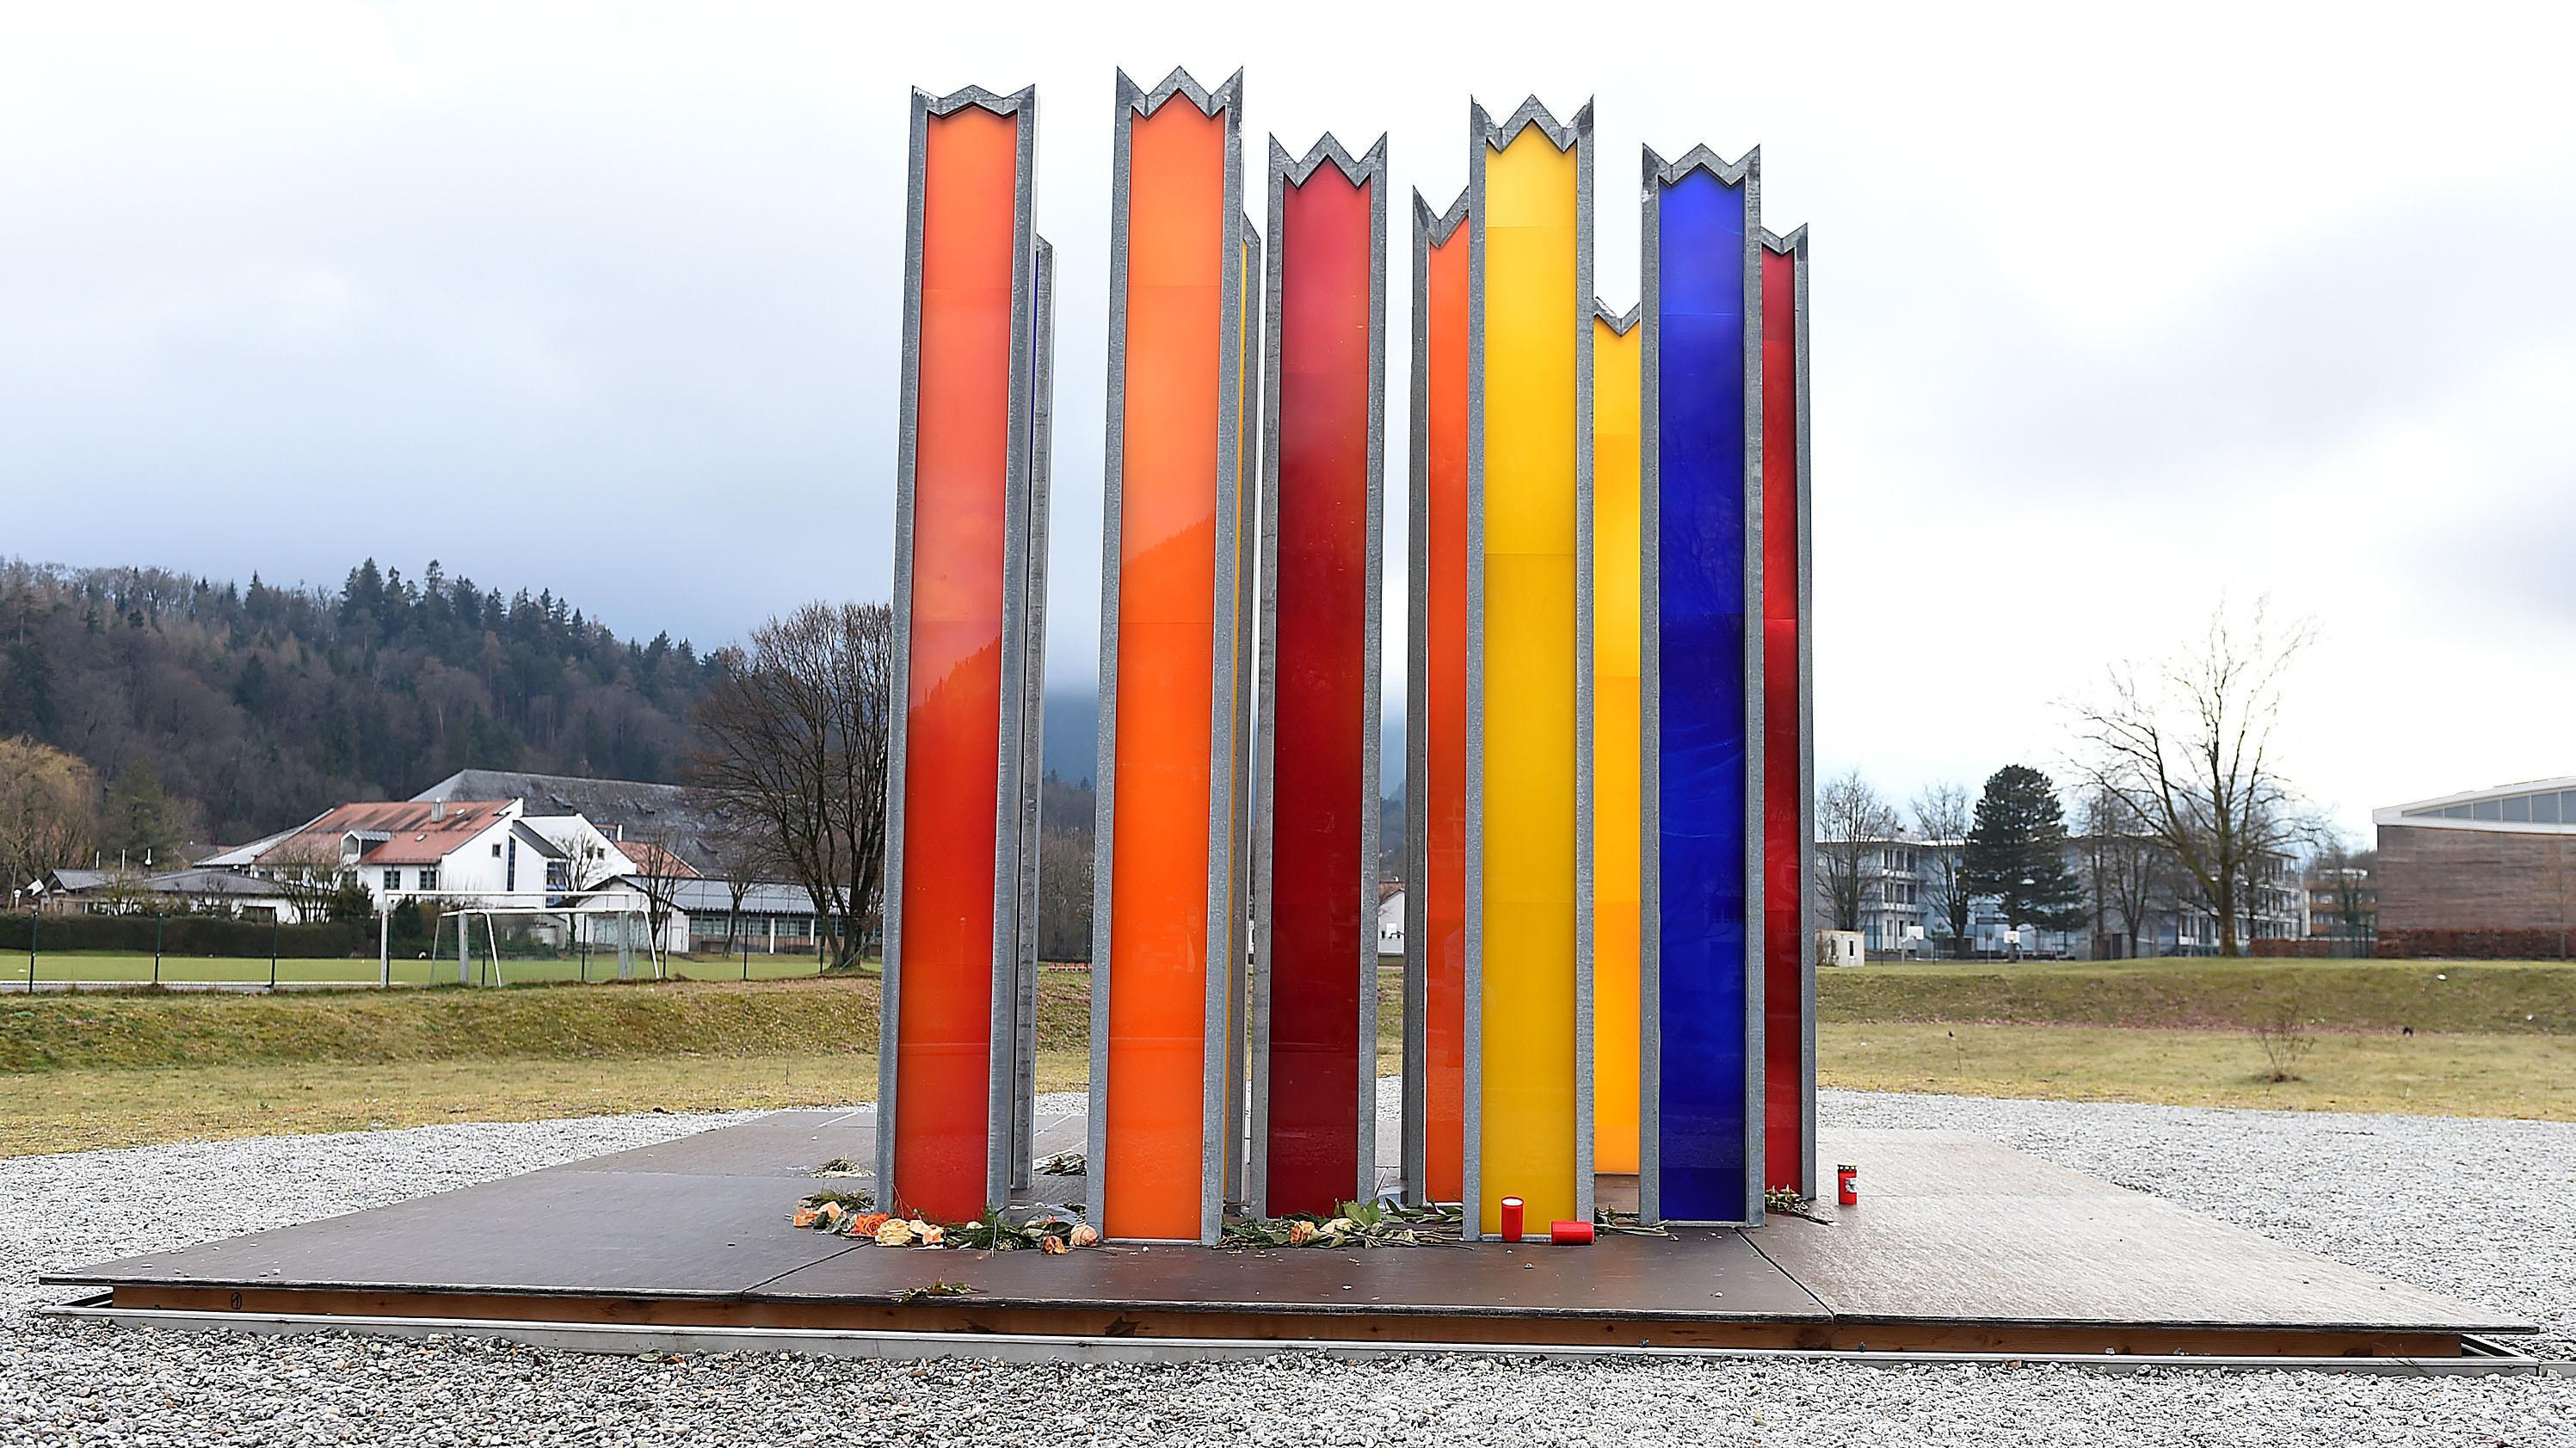 15 bunte Glasstelen in Bad Reichenhall erinnern an die zwölf Kinder und drei Frauen, die 2006 beim Einsturz der Eissporthalle ums Leben kamen.